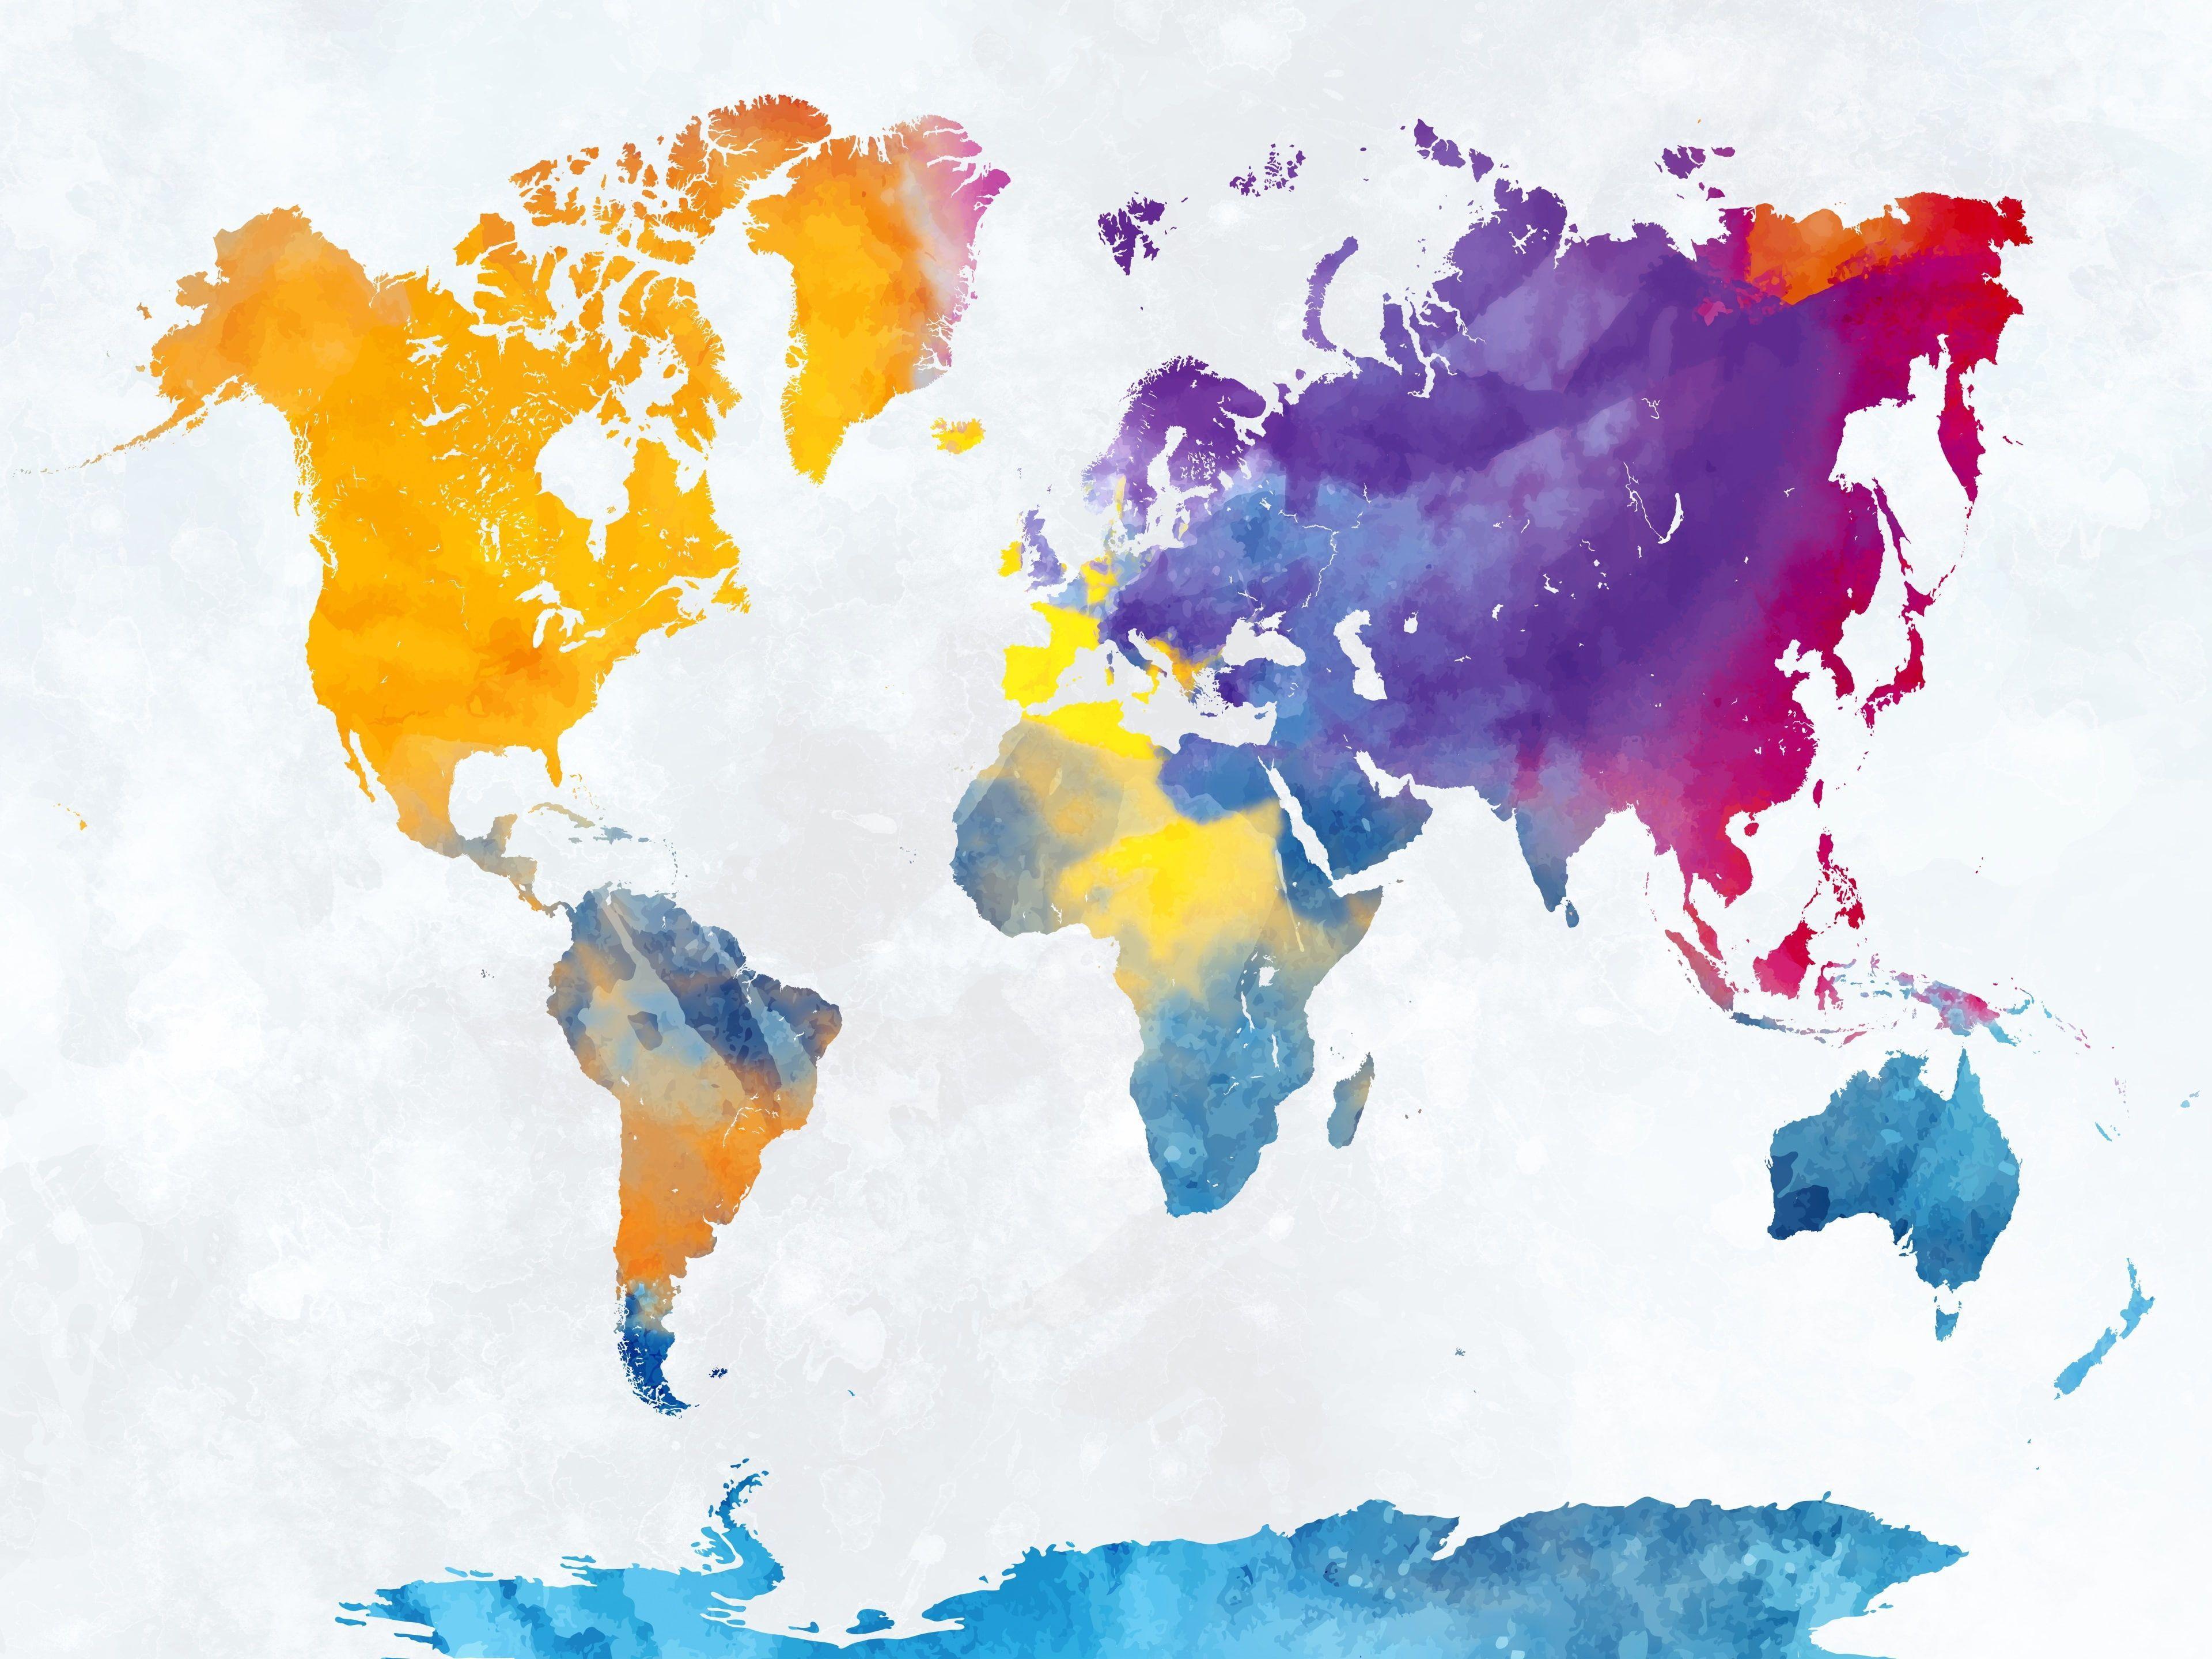 3840x2880 bản đồ thế giới 4k tải xuống HD K # tường giấy #hdwallpaper #desktop